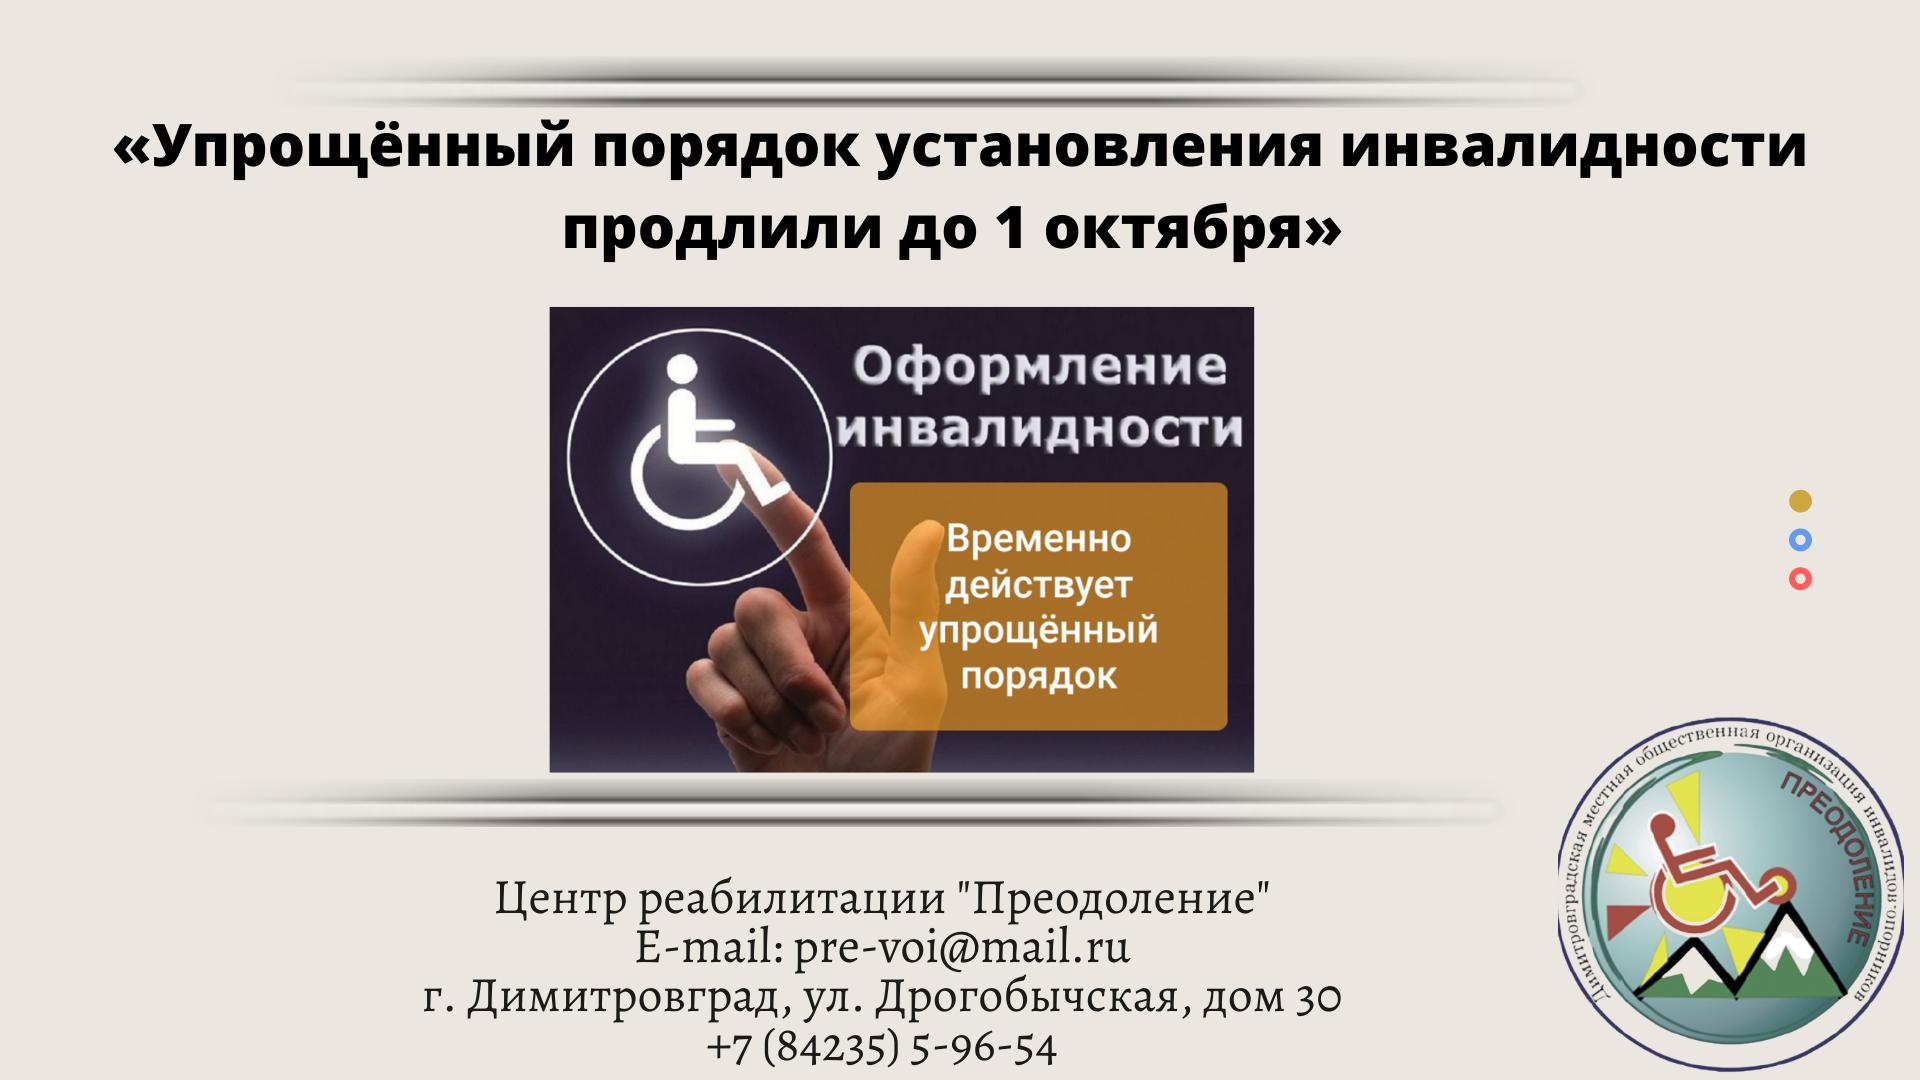 «Упрощённый порядок установления инвалидности продлили до 1 октября»